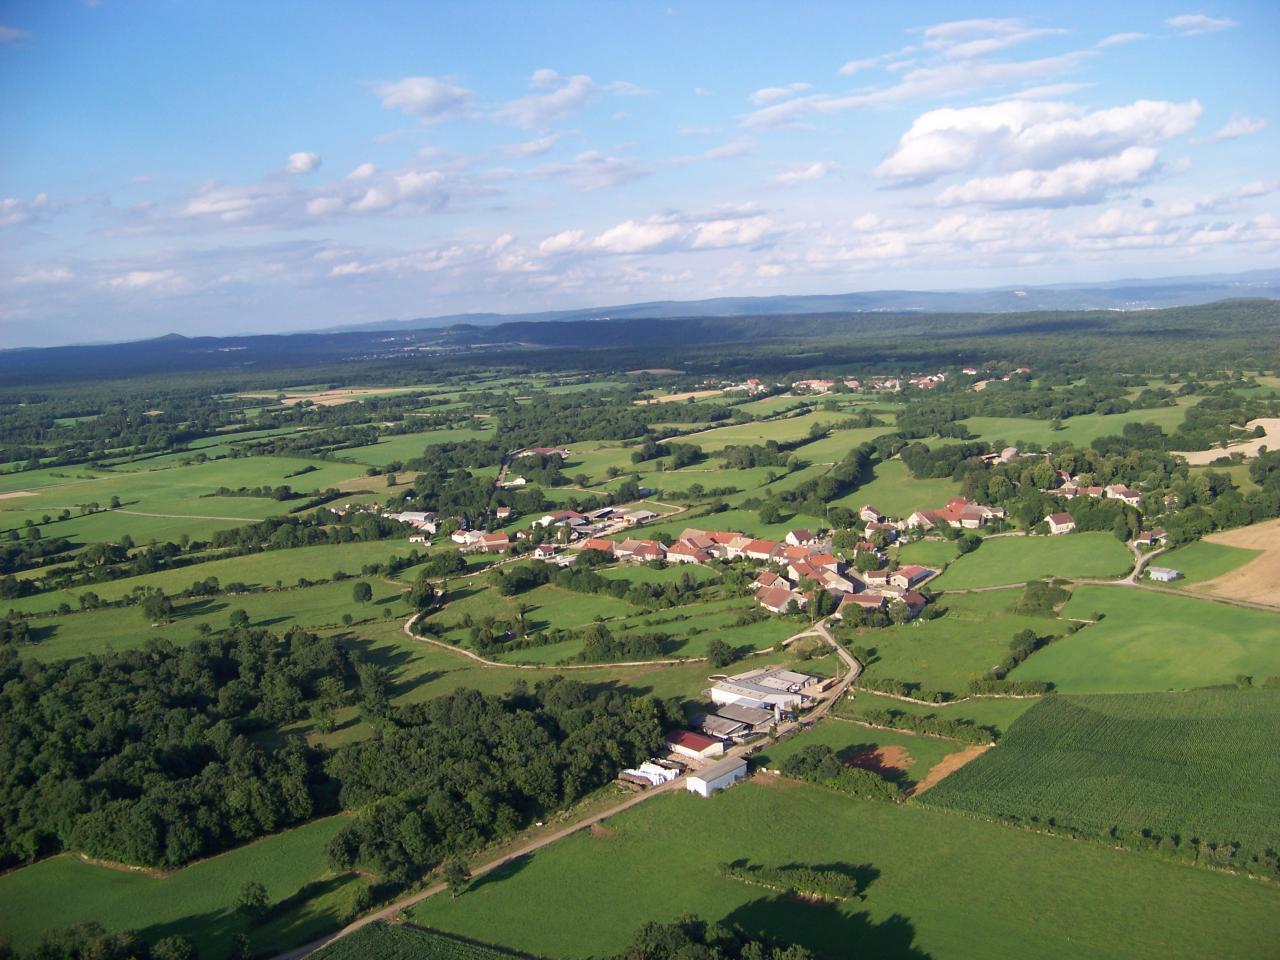 Vue aérienne de Fay  Eric Lepaul